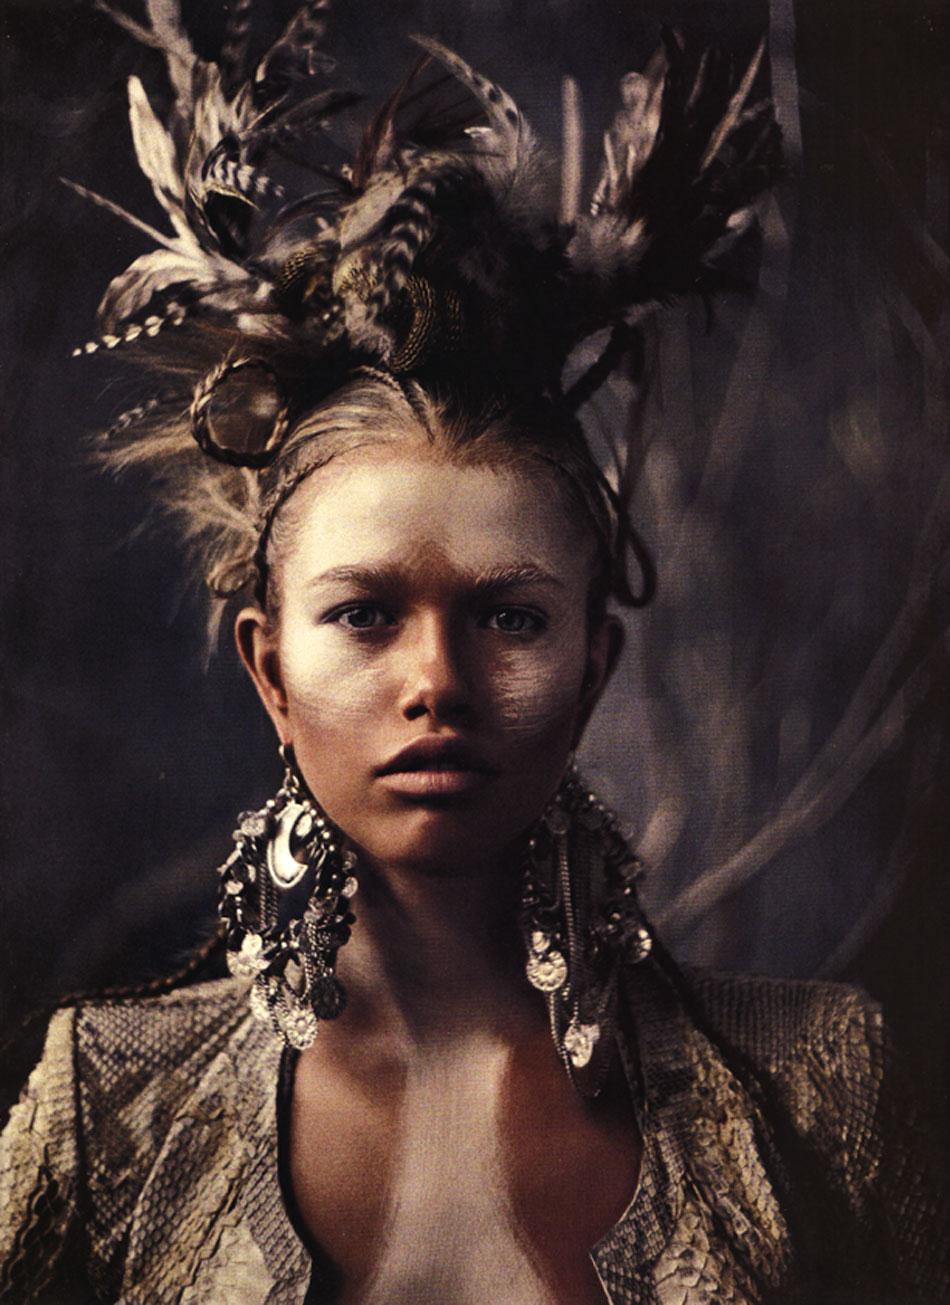 Hair & Make-up Design: October 2012